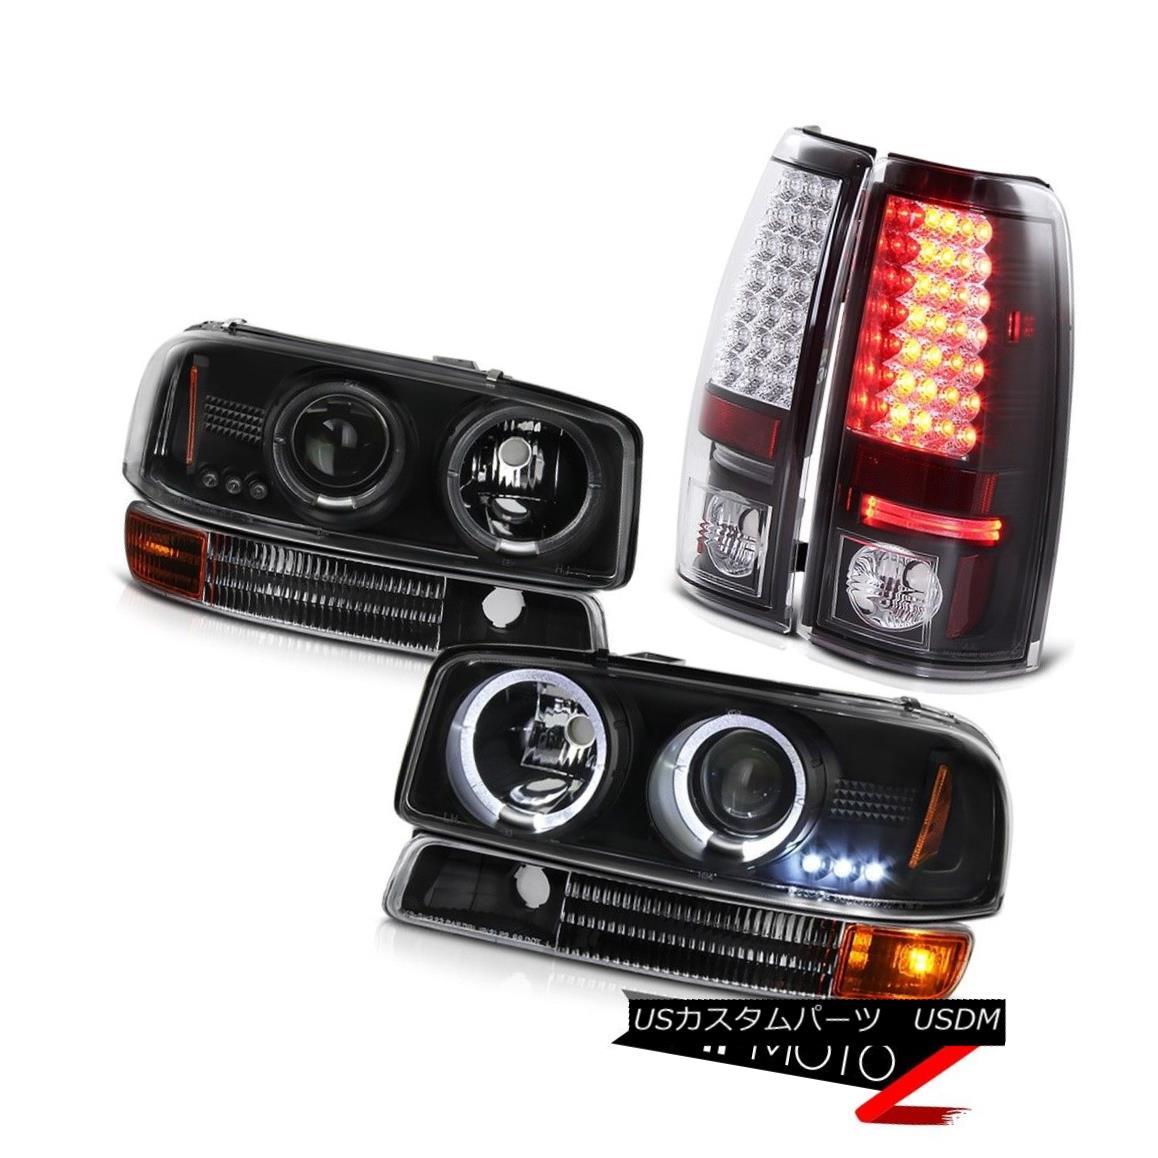 テールライト 1999-2003 Sierra 6.0L V8 Angel Eye Projector Headlight Black Bumper LED Taillamp 1999-2003 Sierra 6.0L V8エンジェルアイプロジェクターヘッドライトブラックバンパーLEDタイルランプ